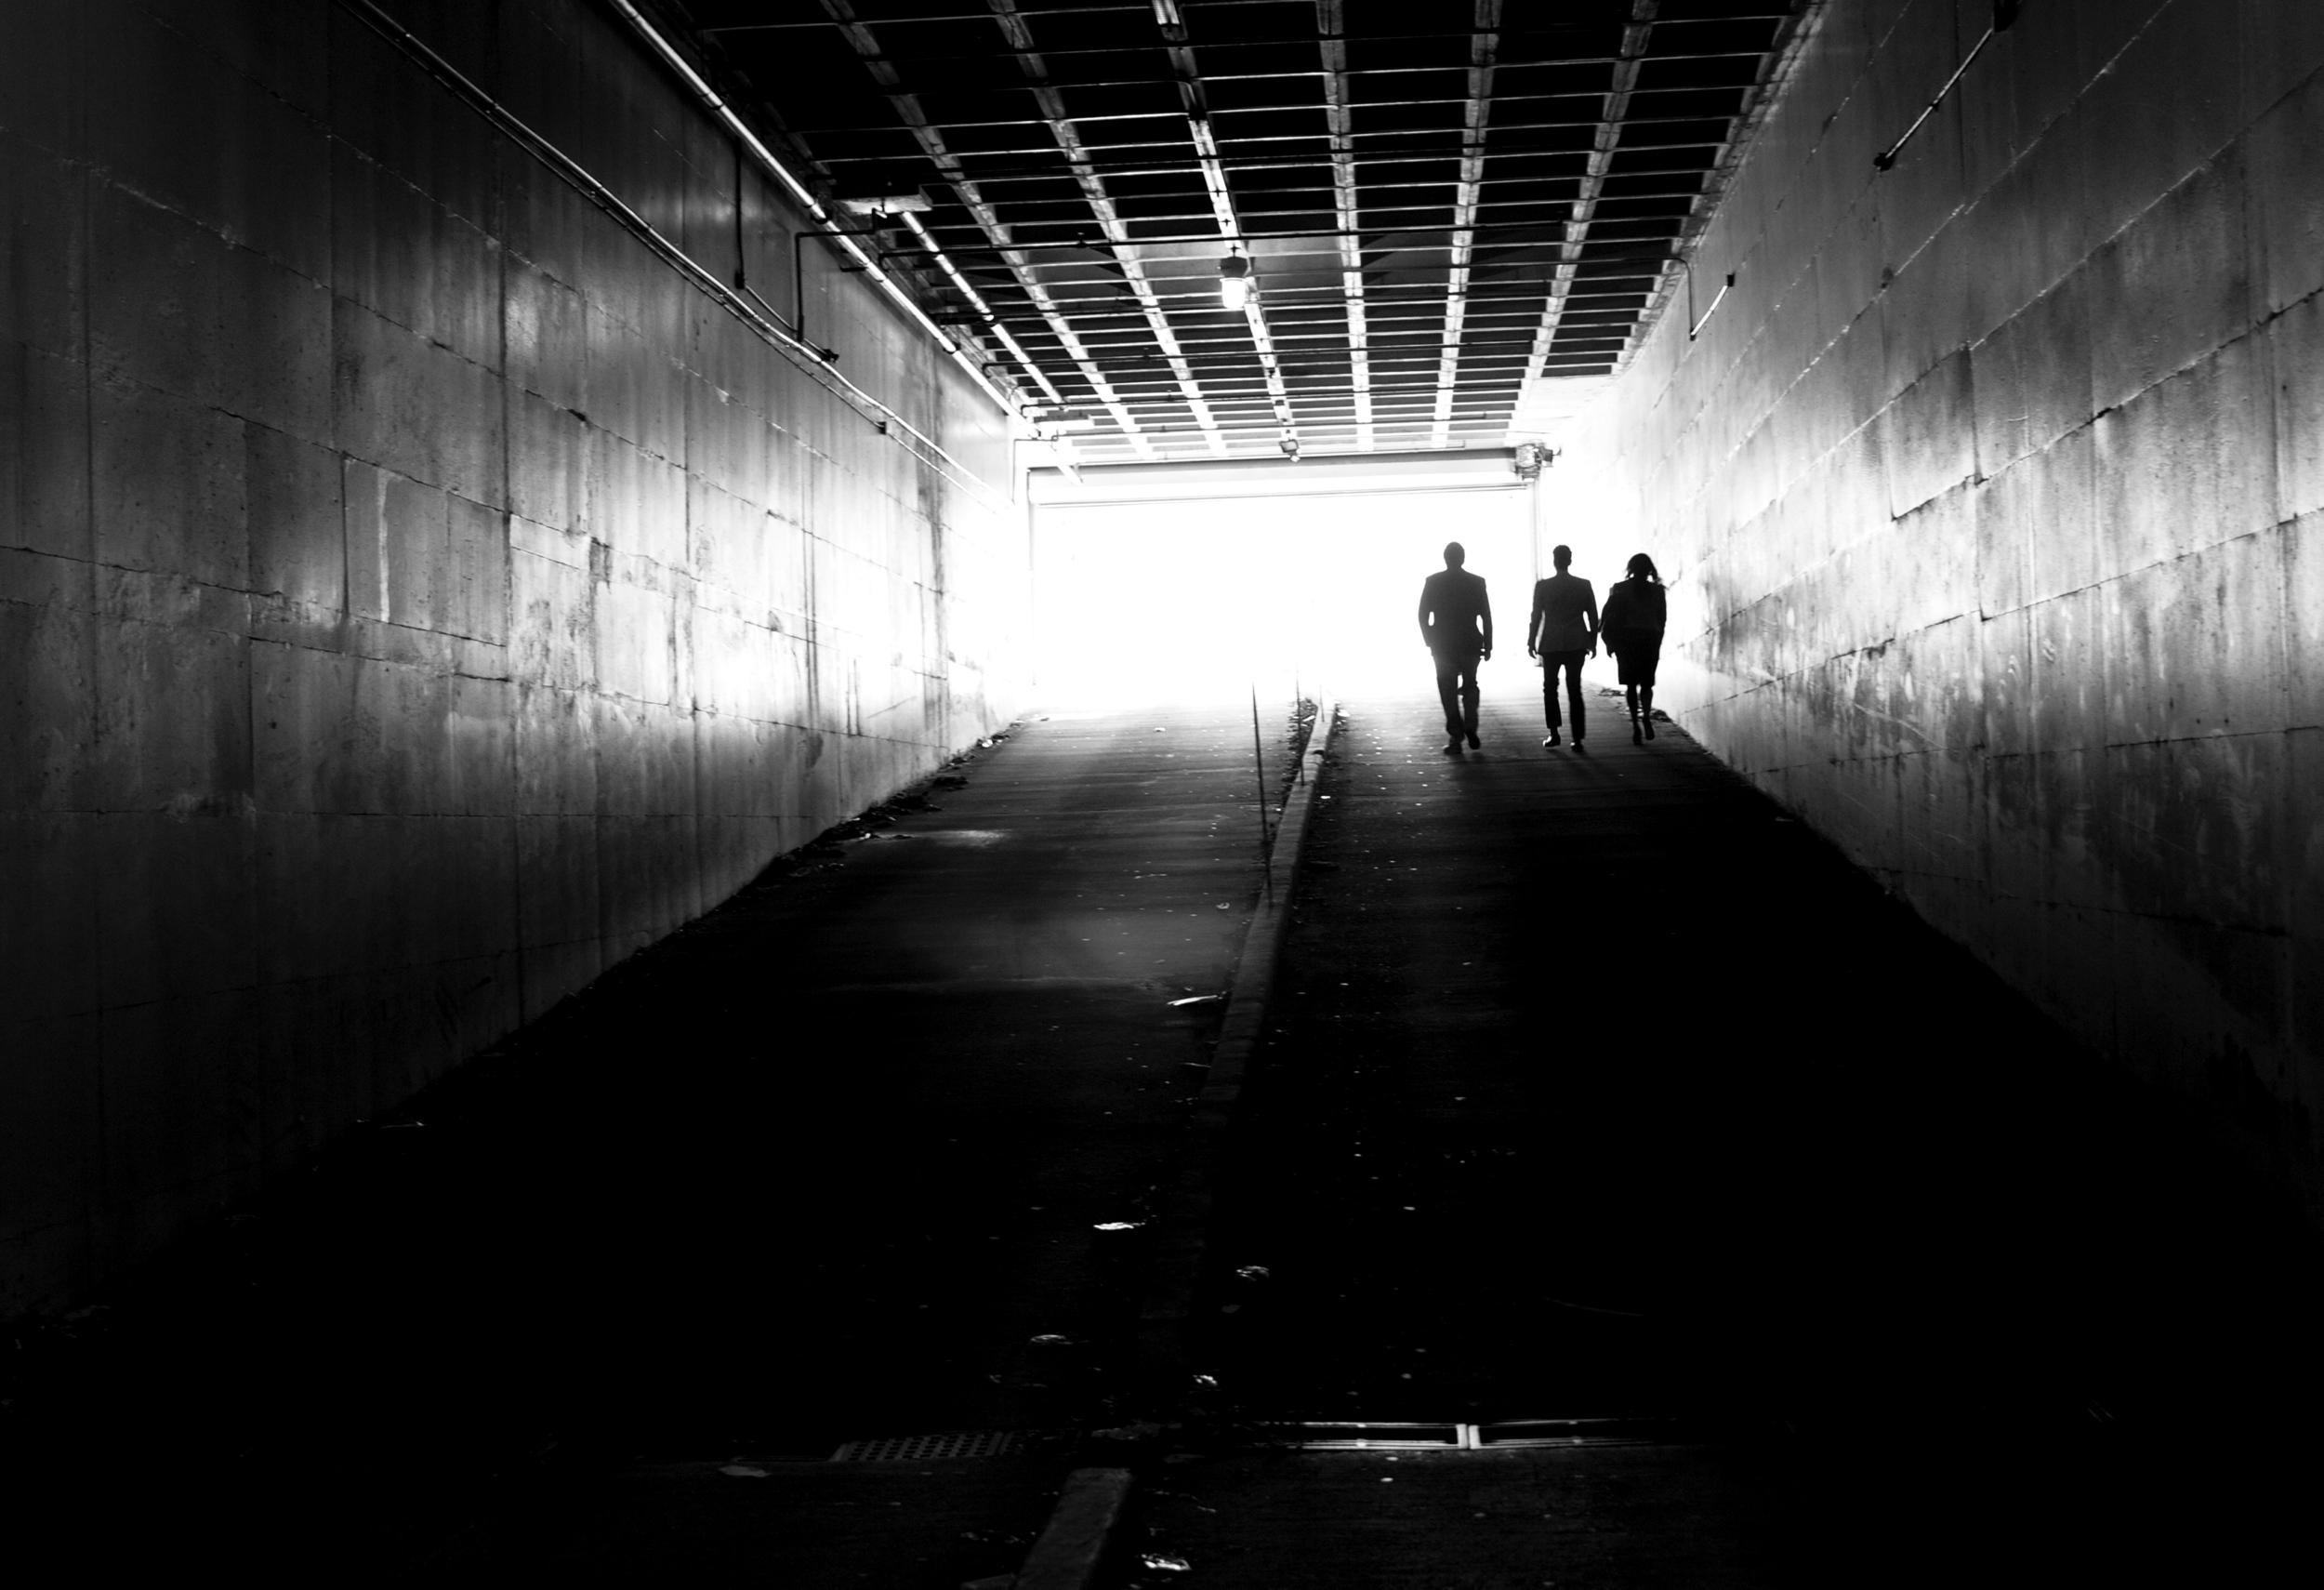 Hallway_13x19.jpg